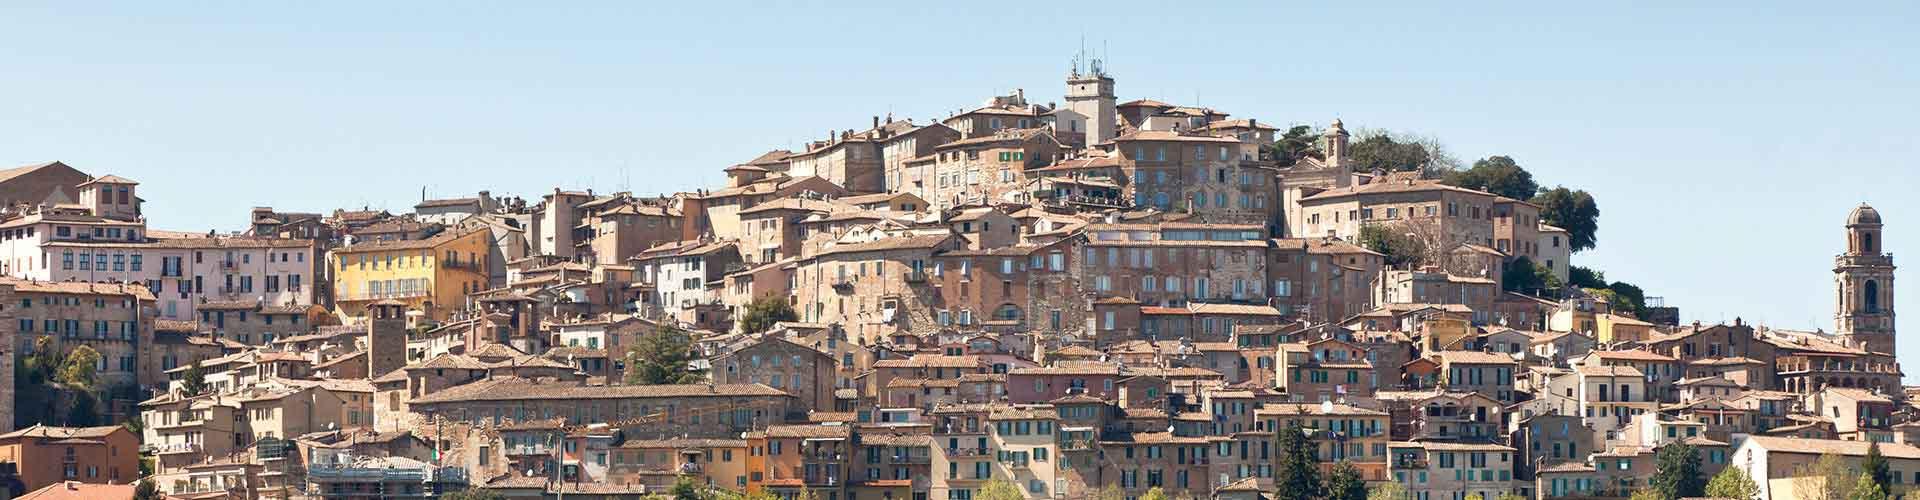 Perugia - Hostales en Perugia. Mapas de Perugia, Fotos y comentarios de cada Hostal en Perugia.